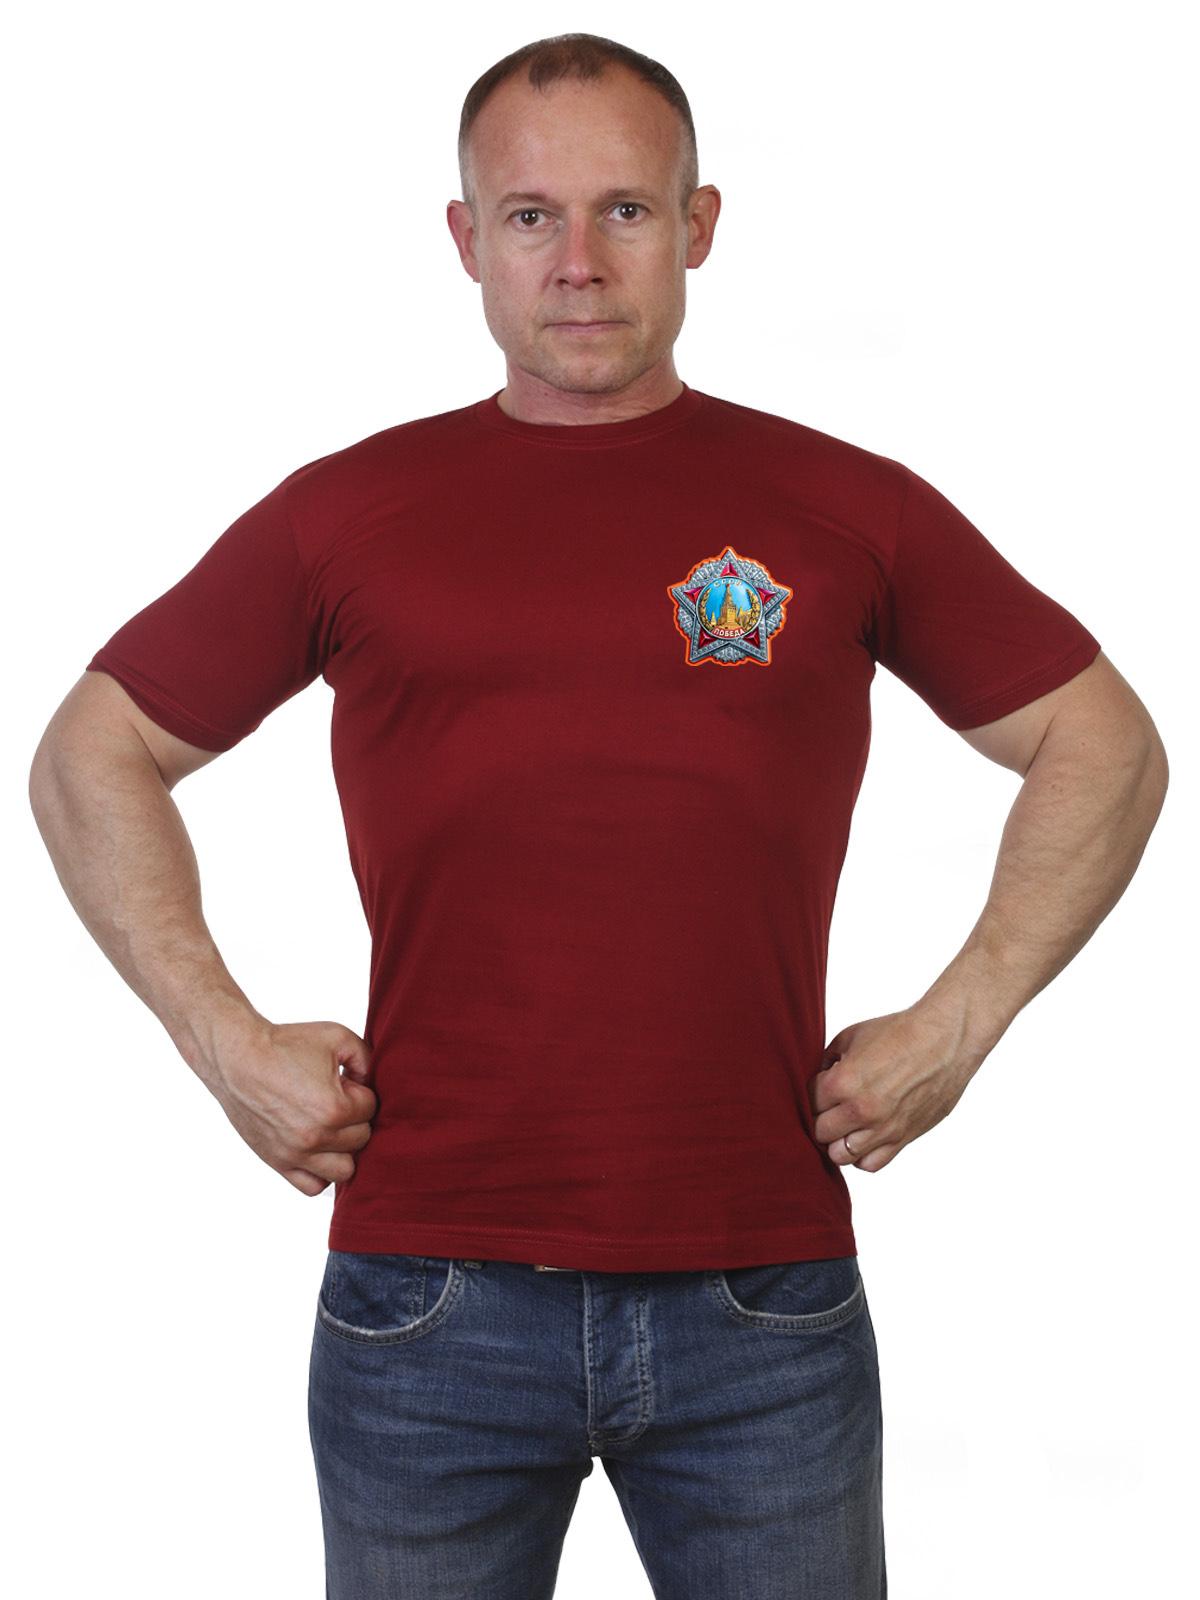 Недорогие модные футболки с принтом Победа